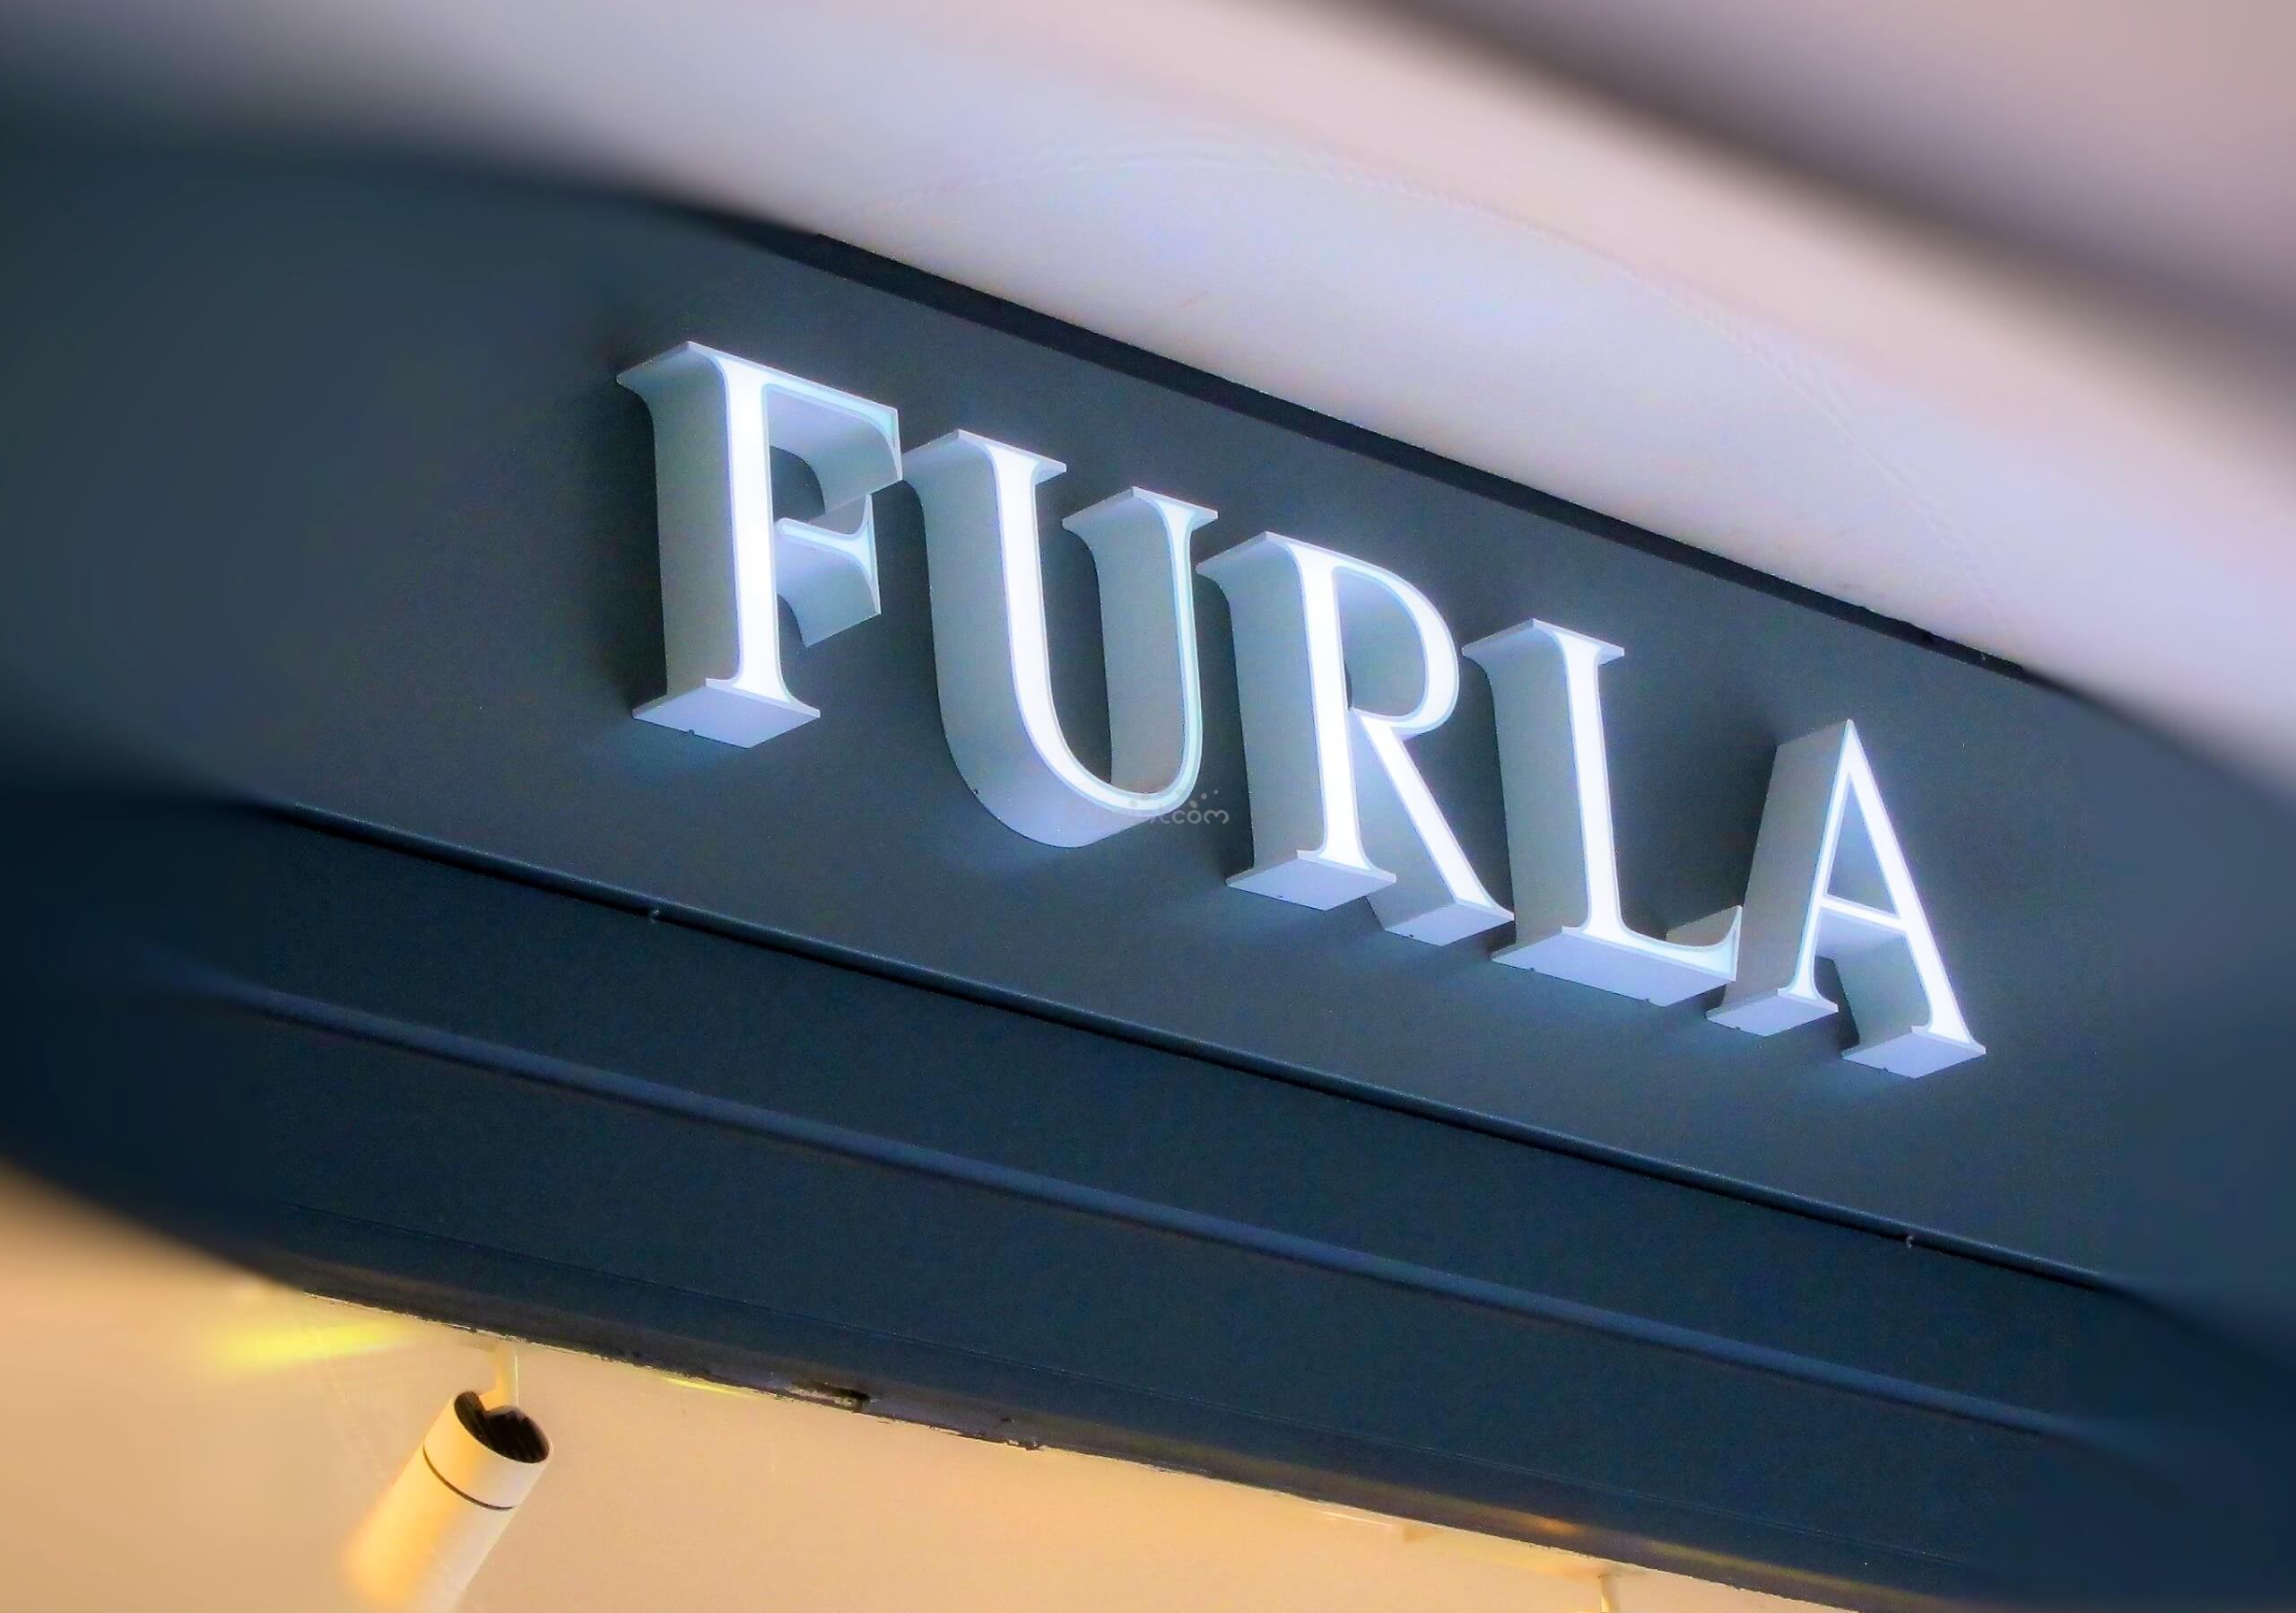 242ea267095 Enseigne lumineuse magasin - Furla Champs Elysees